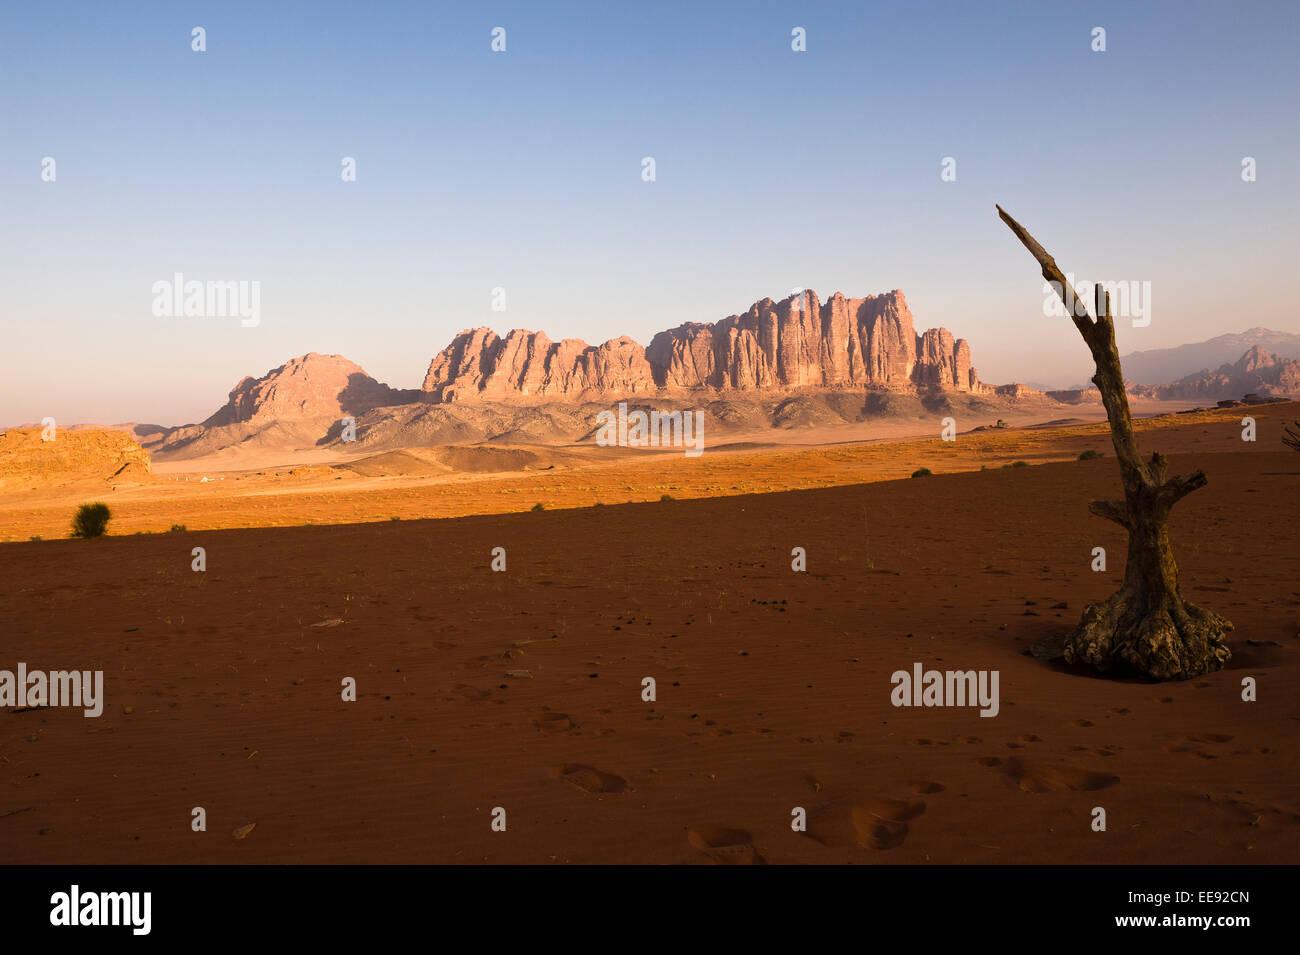 Vue du Djebel Qattar, qui abrite la faune la plus diversifiée dans le Wadi Rum National Park. Photo Stock